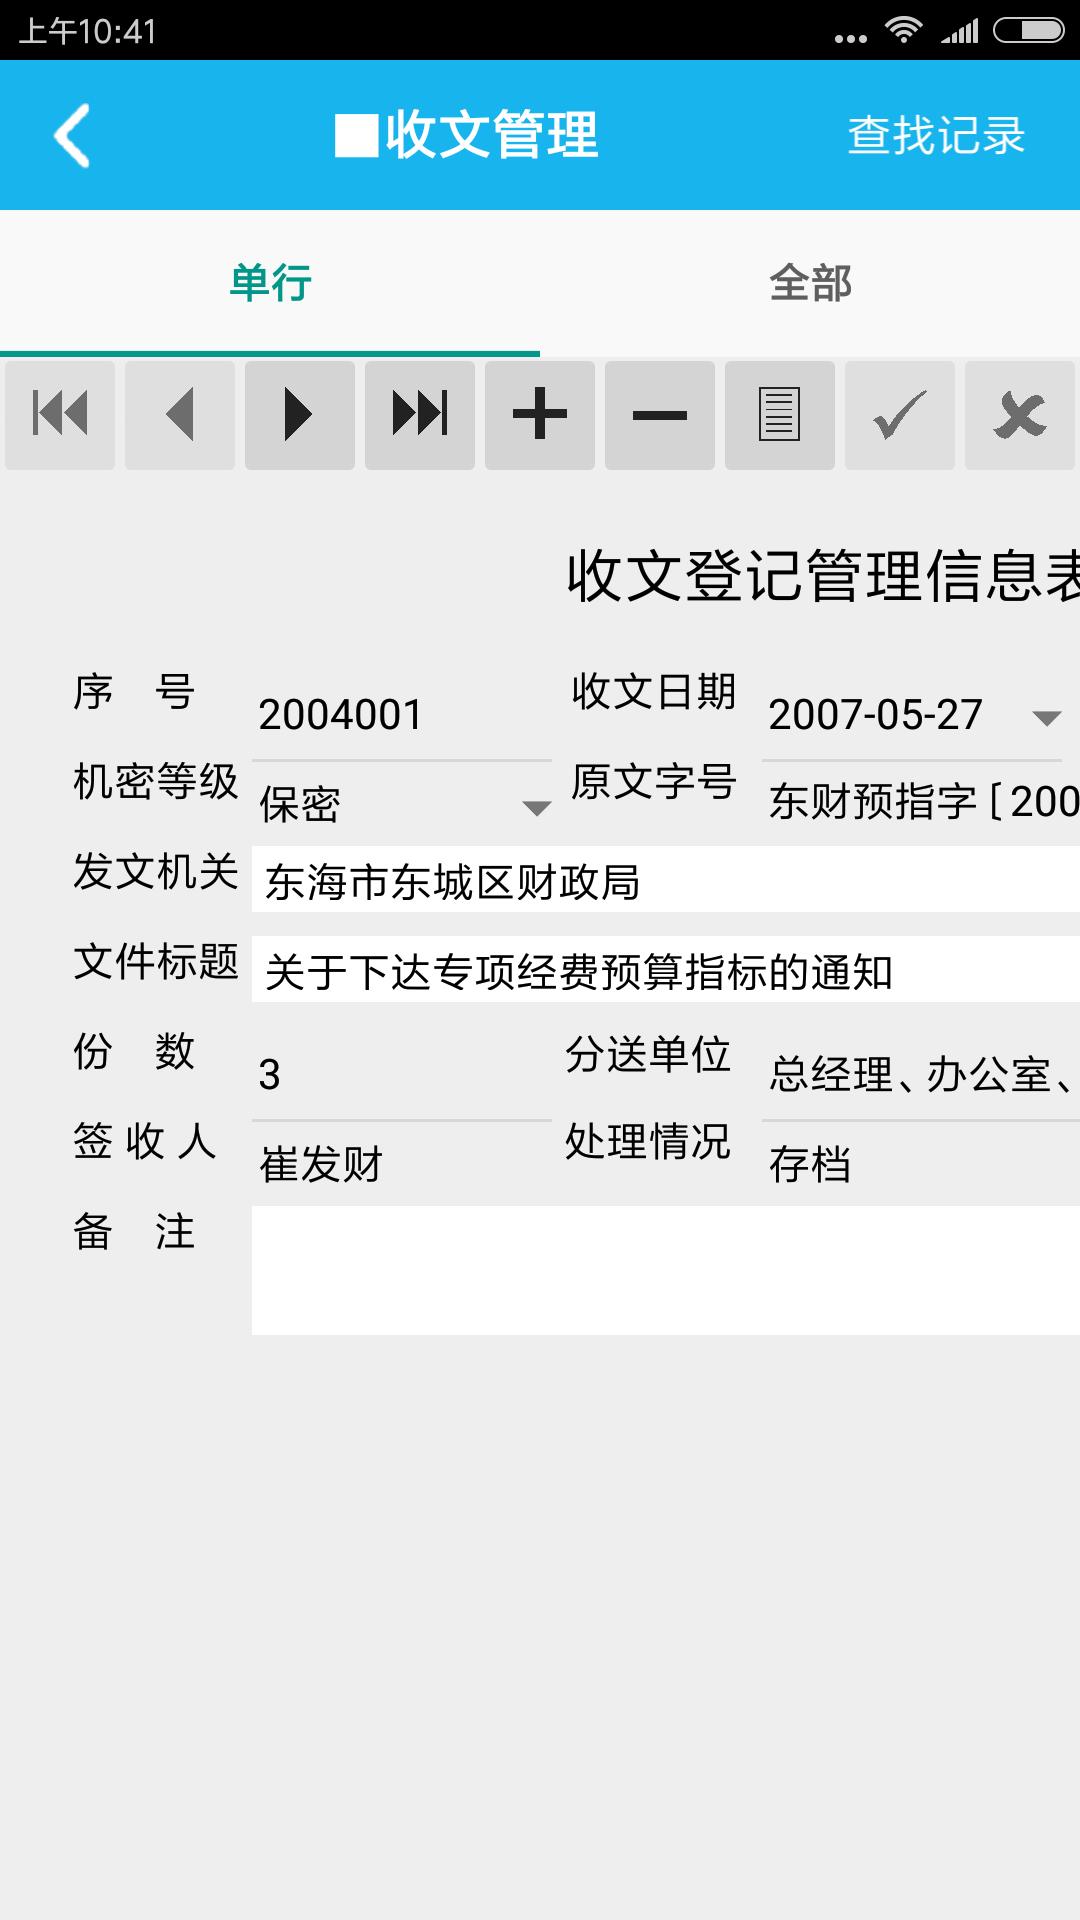 公文管理系统(2)